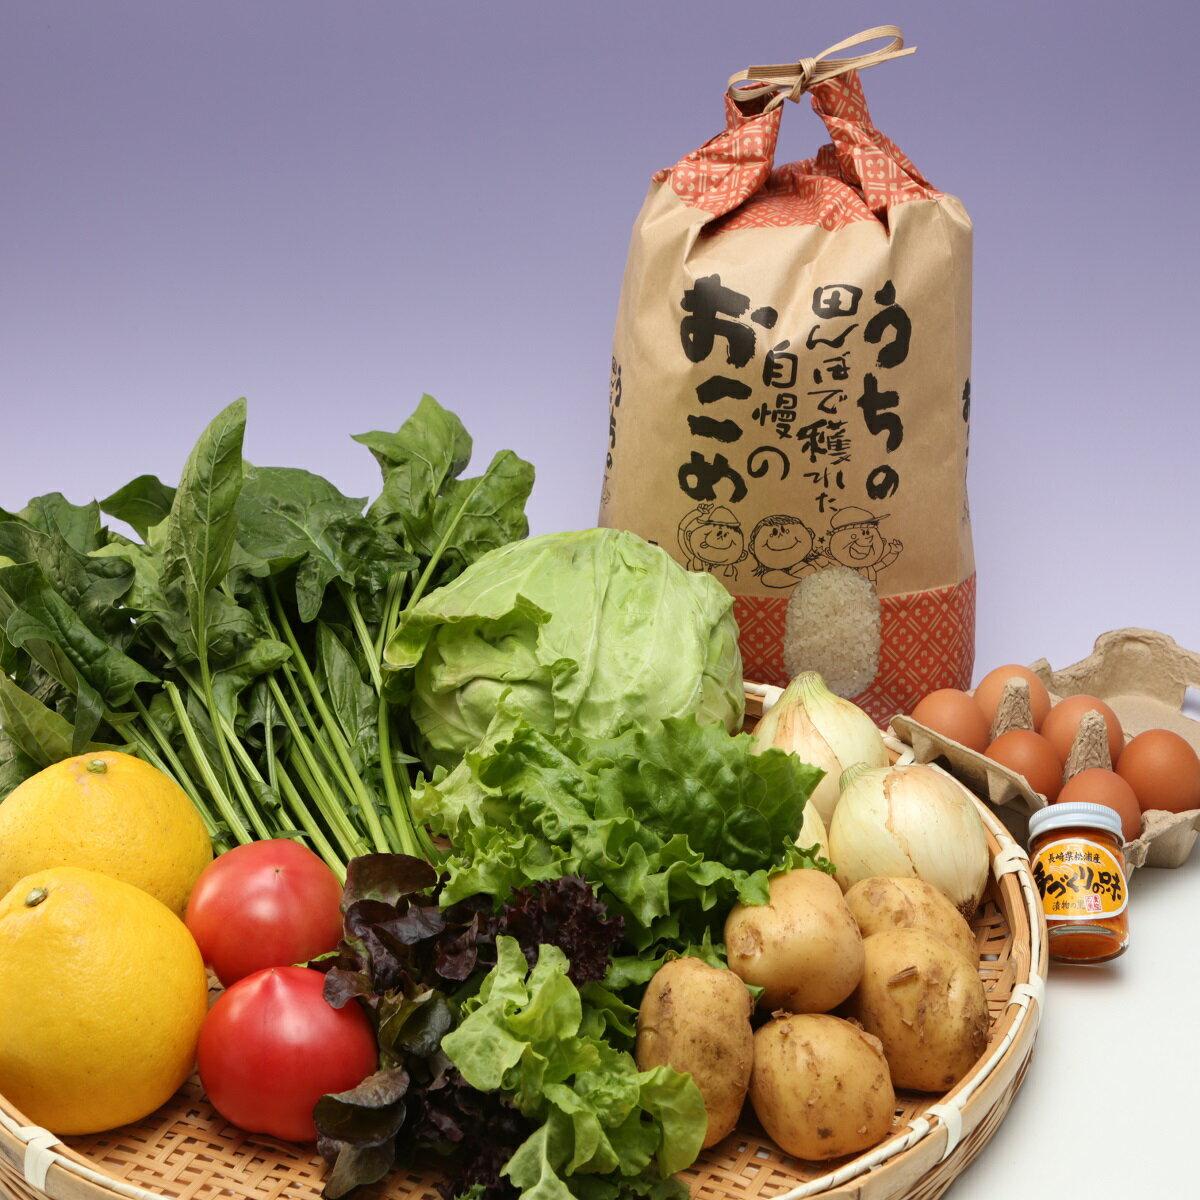 【ふるさと納税】道の駅松浦海のふるさと館『旬のお野菜+産みたて濃厚玉子6個+お米5kg』の大満足セット!